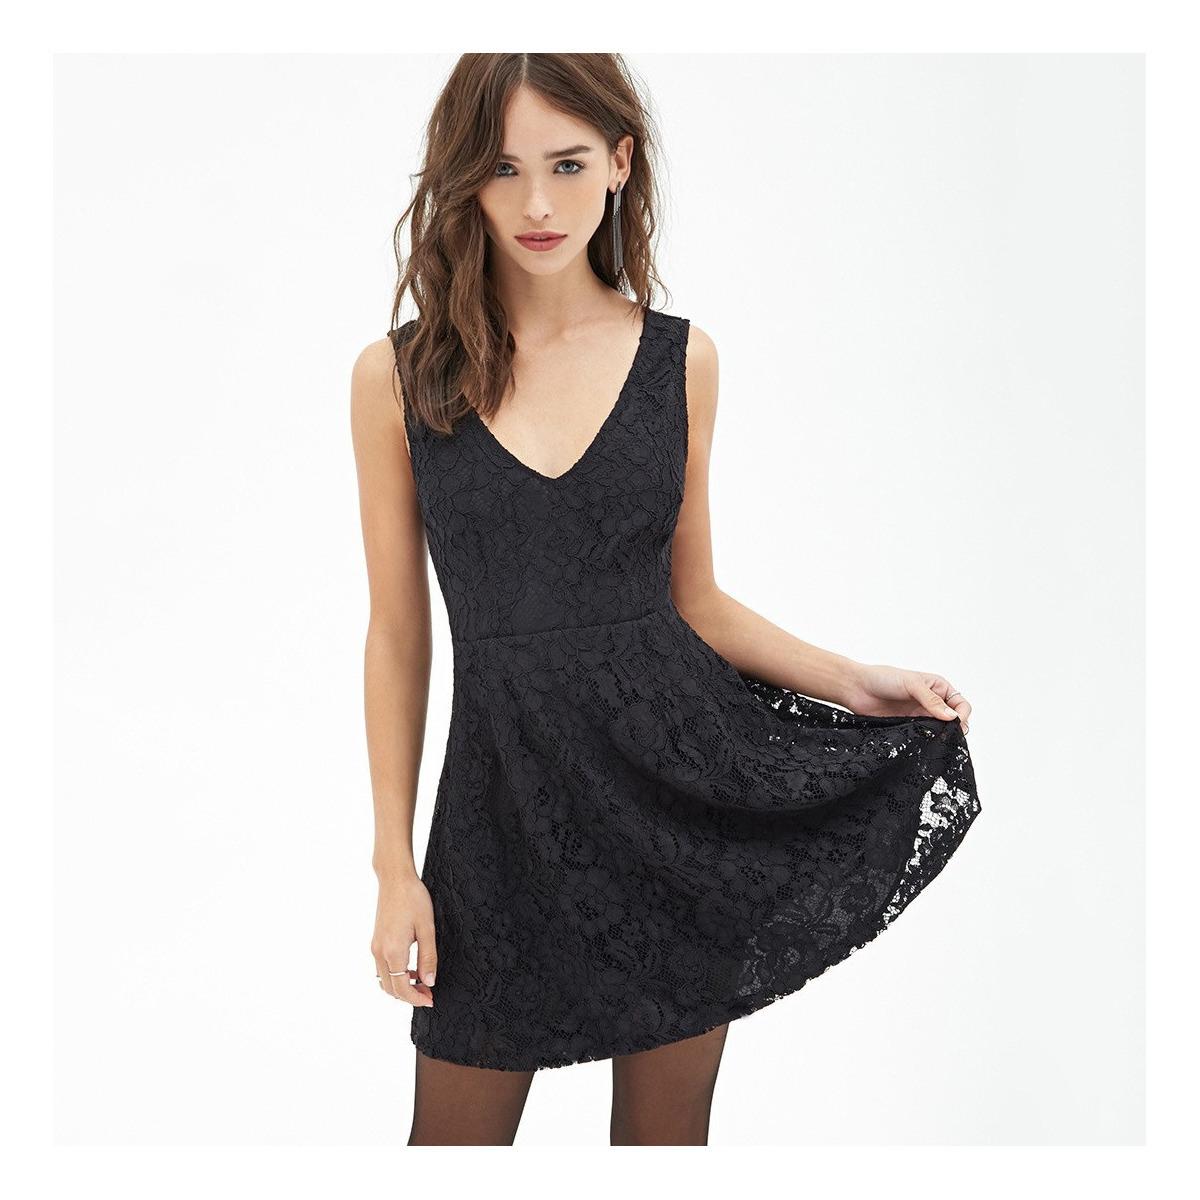 10 Erstaunlich Schwarzes Ärmelloses Kleid Vertrieb13 Einzigartig Schwarzes Ärmelloses Kleid für 2019